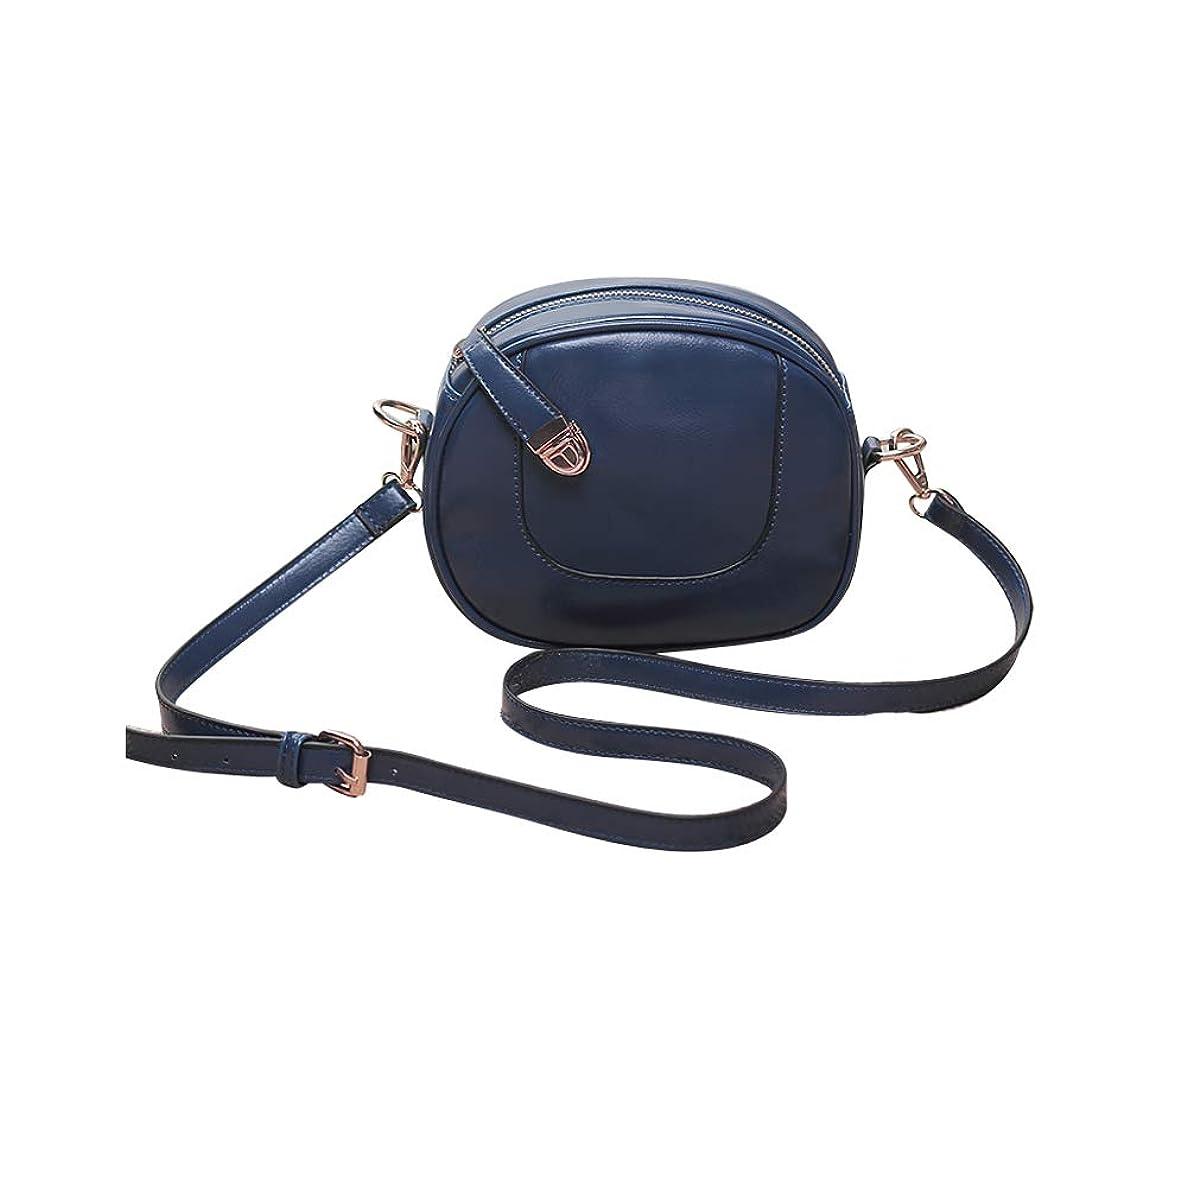 シンプトンパケット気候3Color-BAGショルダーバッグ女らしさを引き立てる?毎日使うのが楽しい のセレブスタイルのユニークでおしゃれなバッグ/bag/トートバッグ